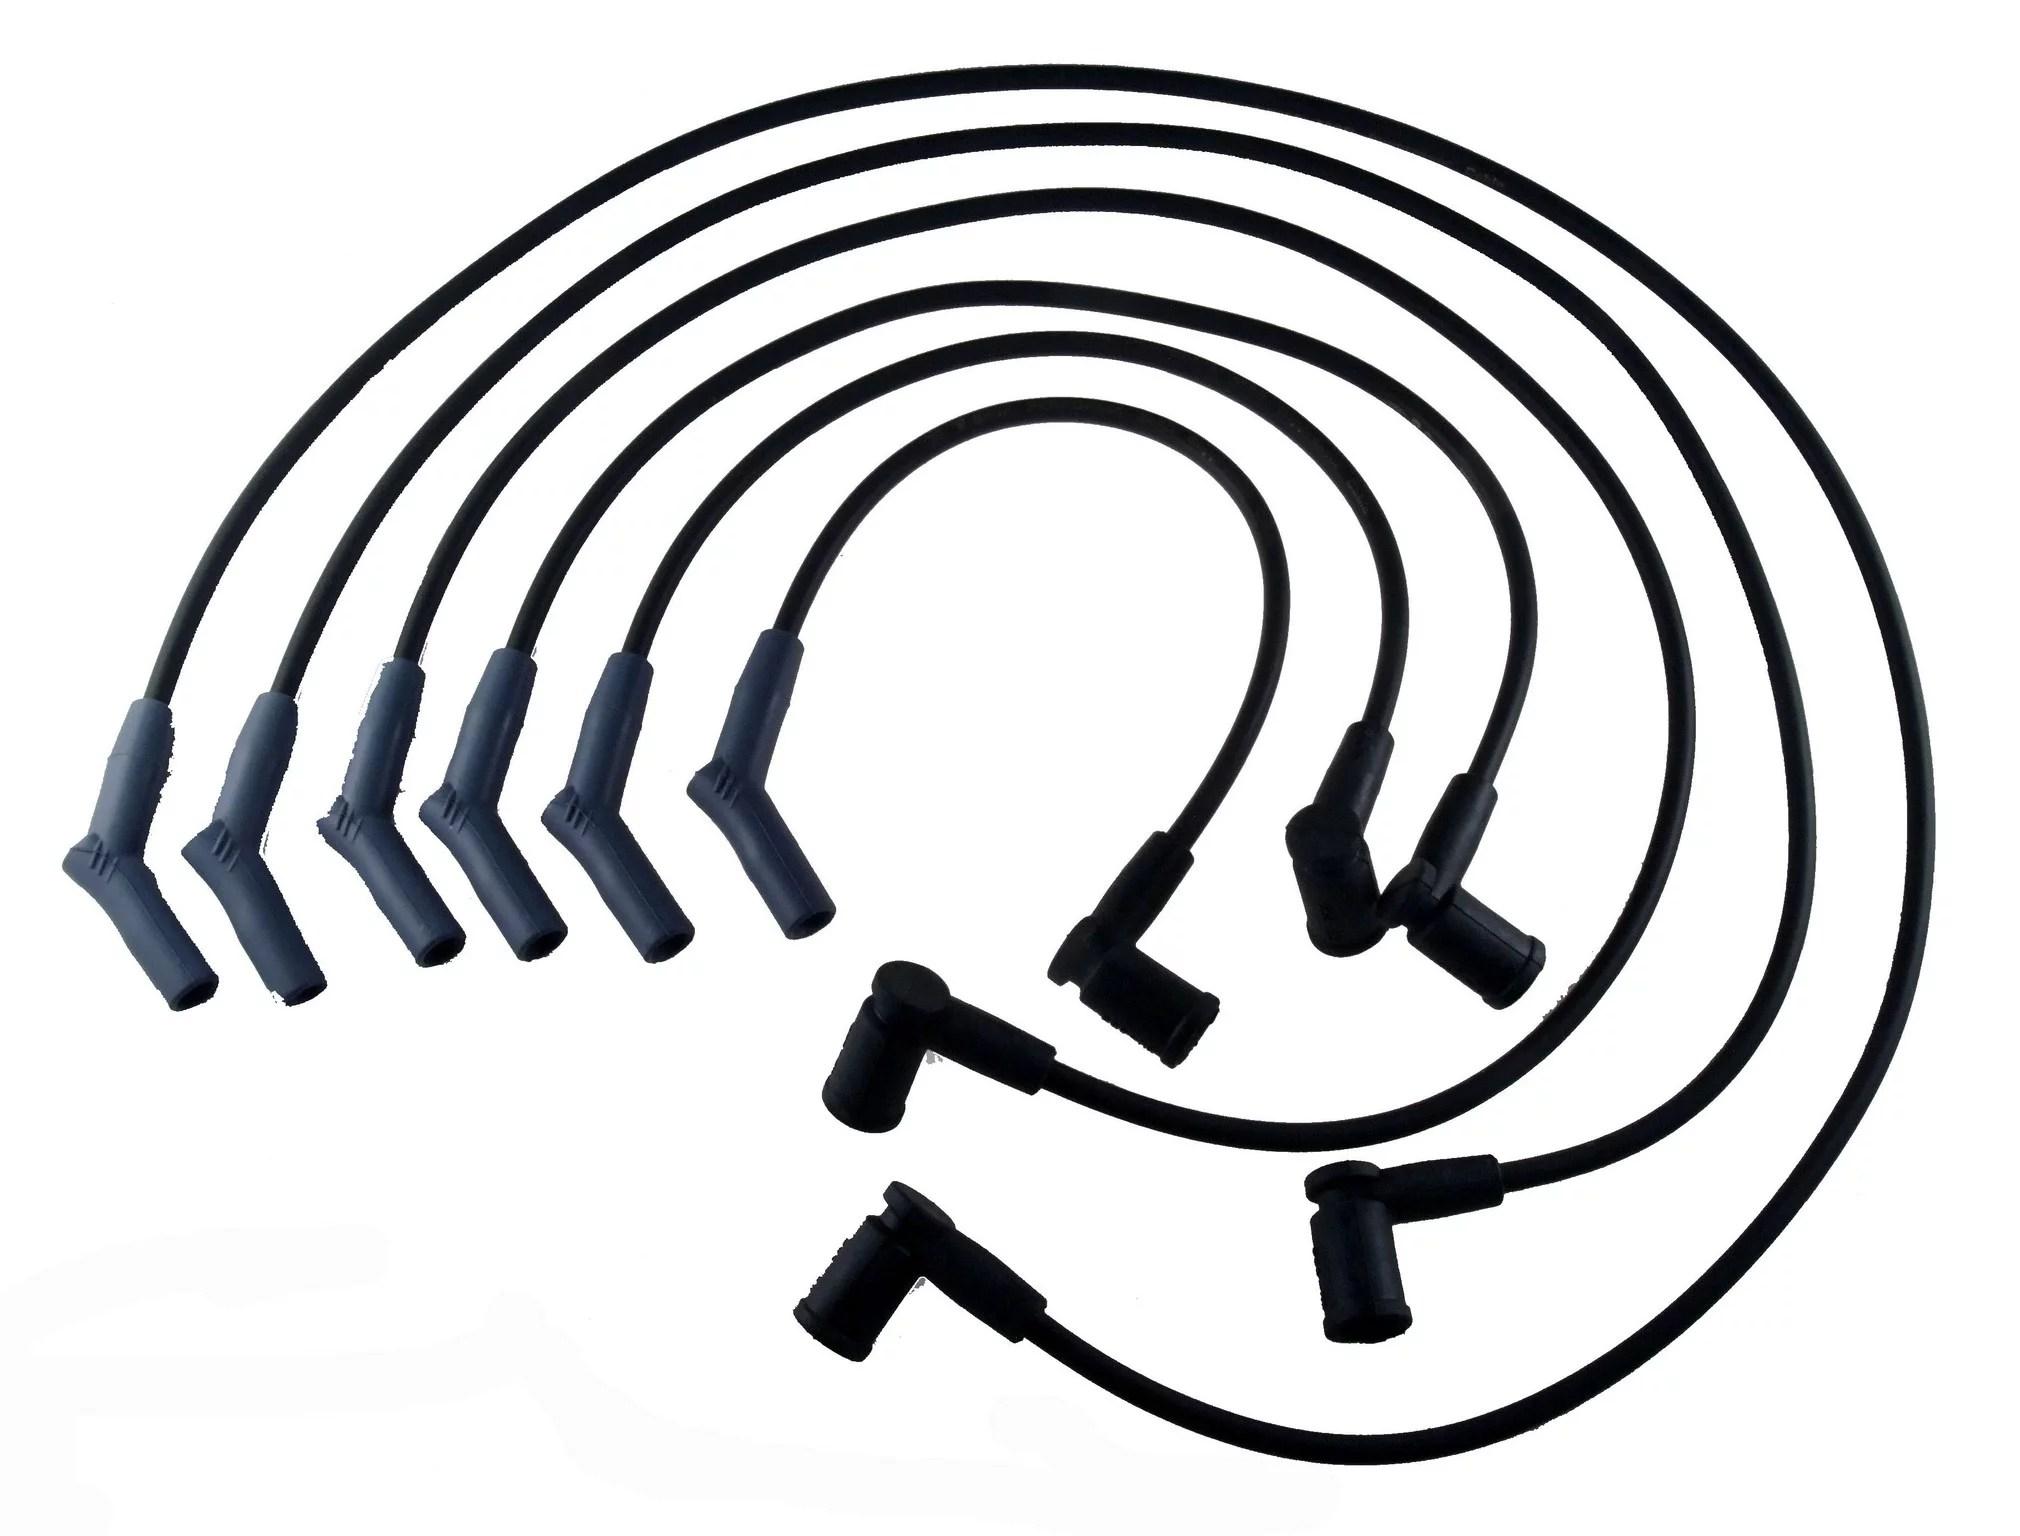 Prenco 35-87709 Spark Plug Wire Set for Ford Ranger, Mazda